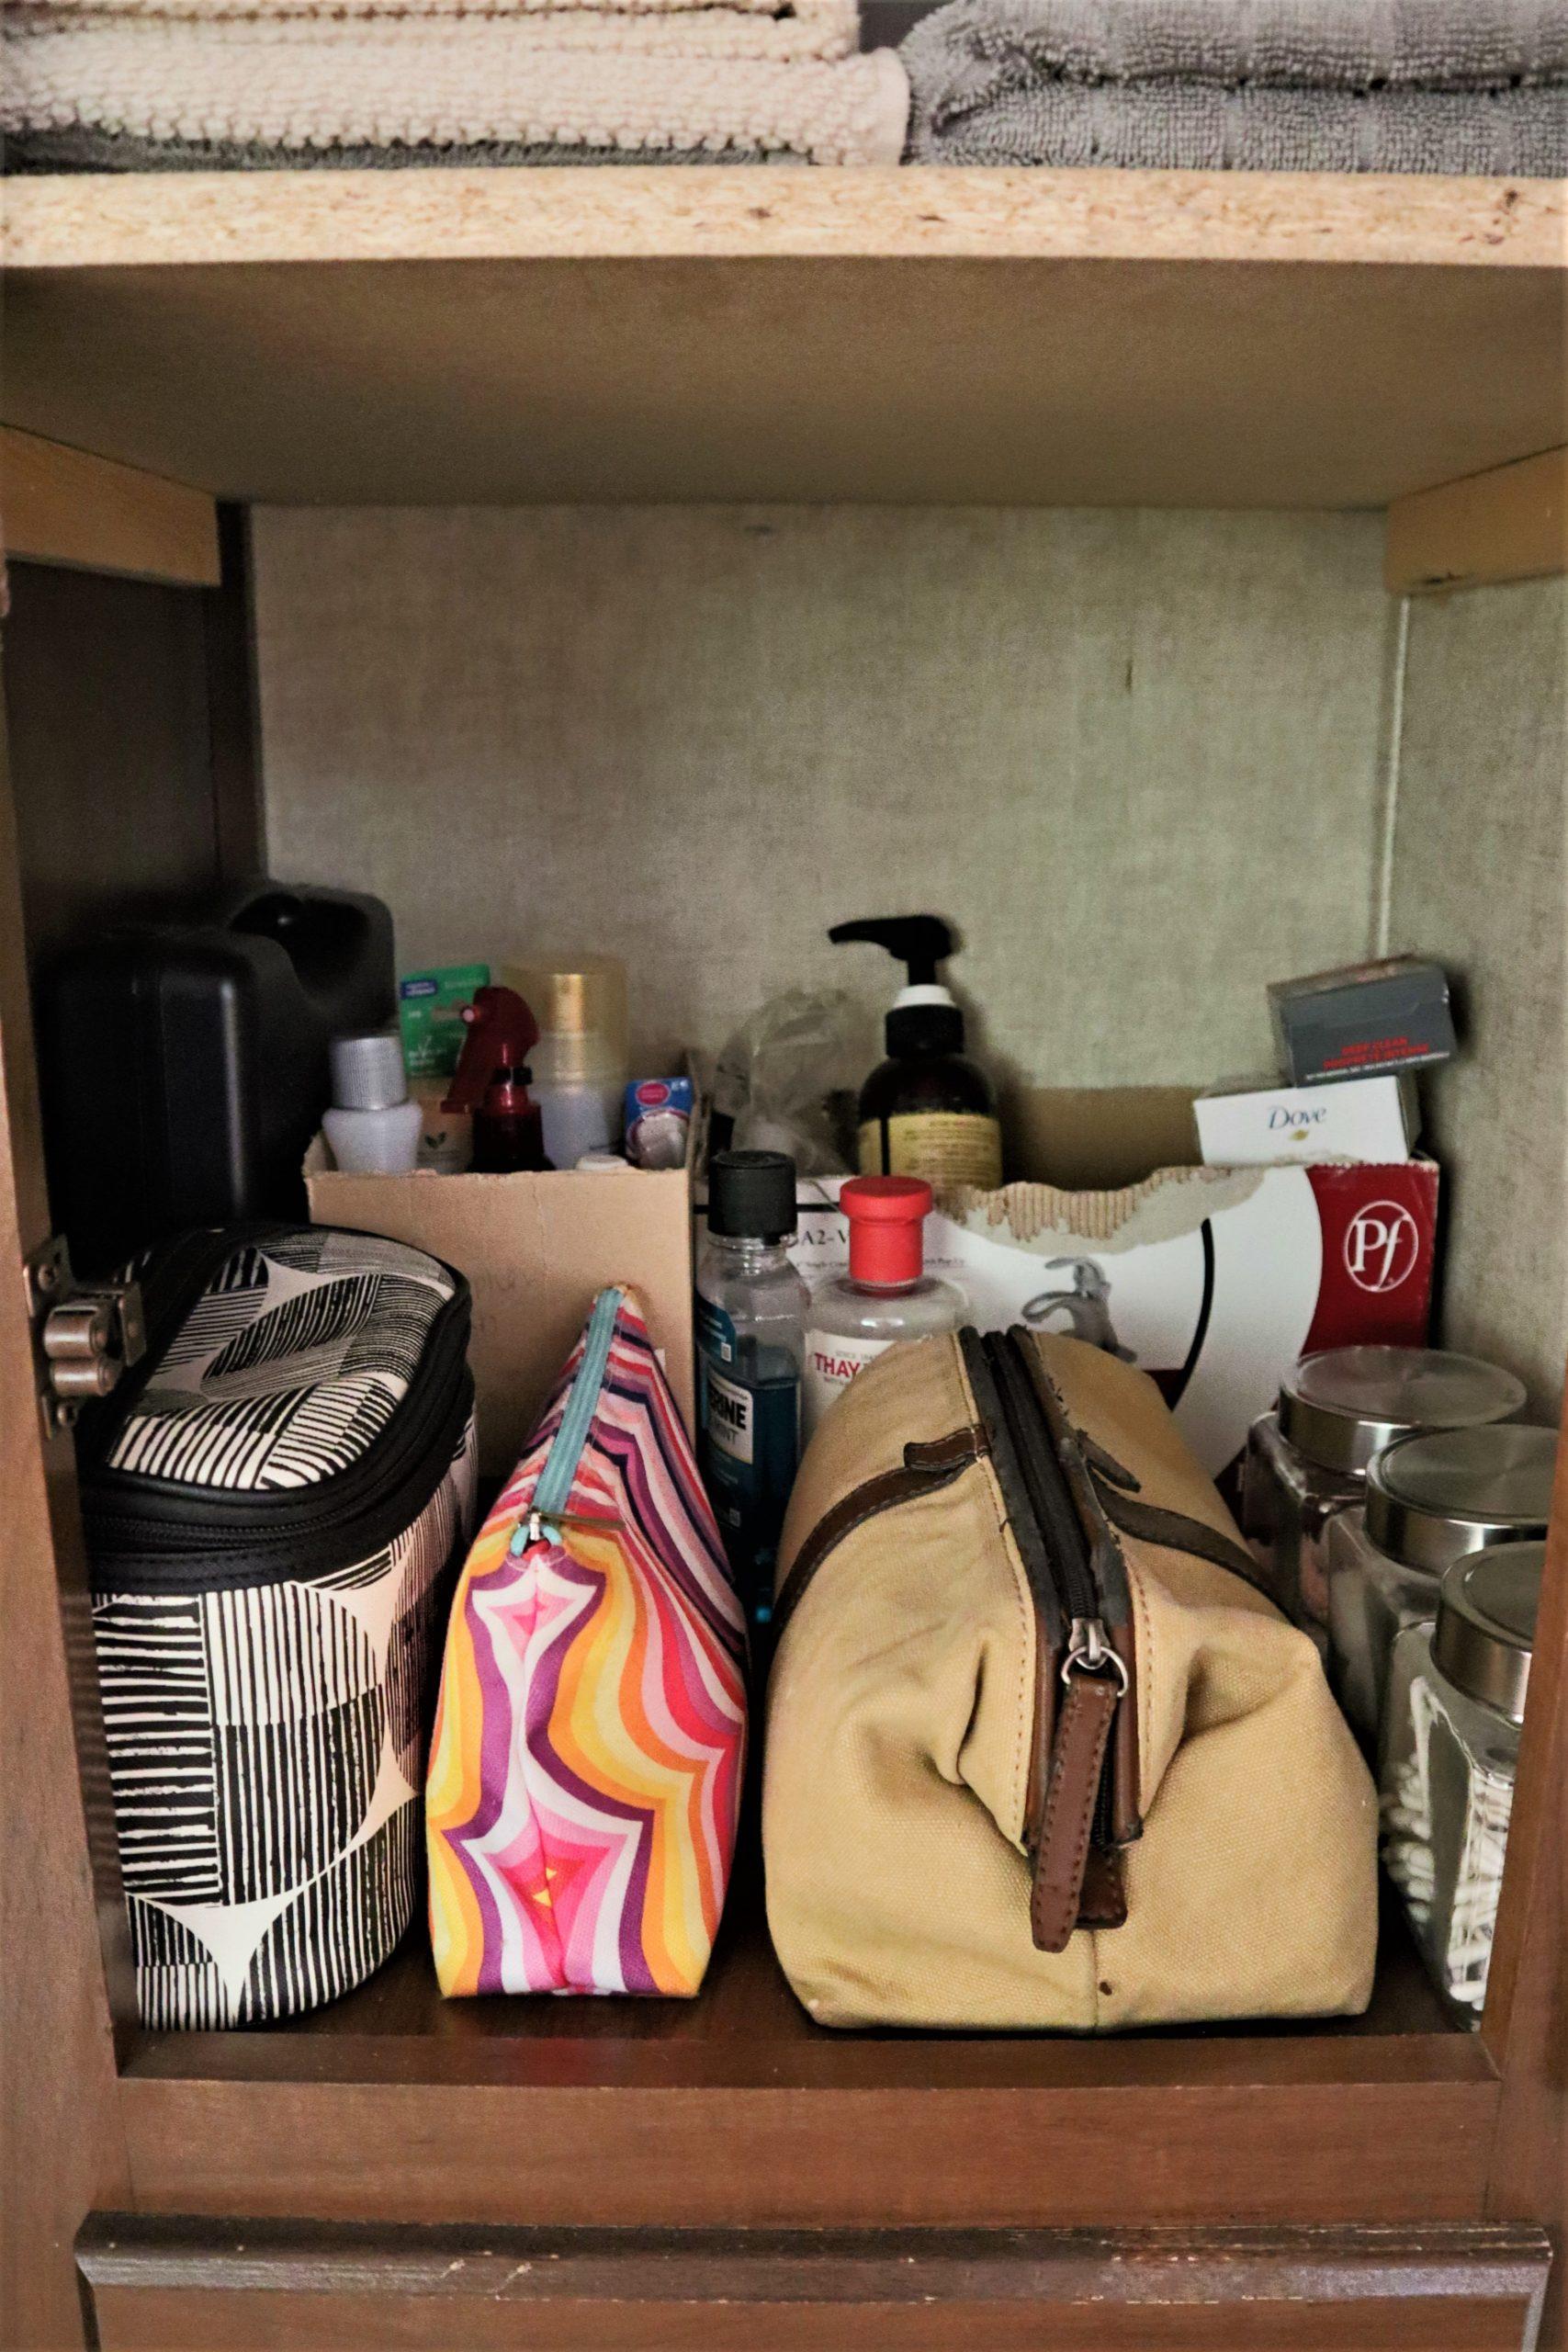 linen closet storage in an RV